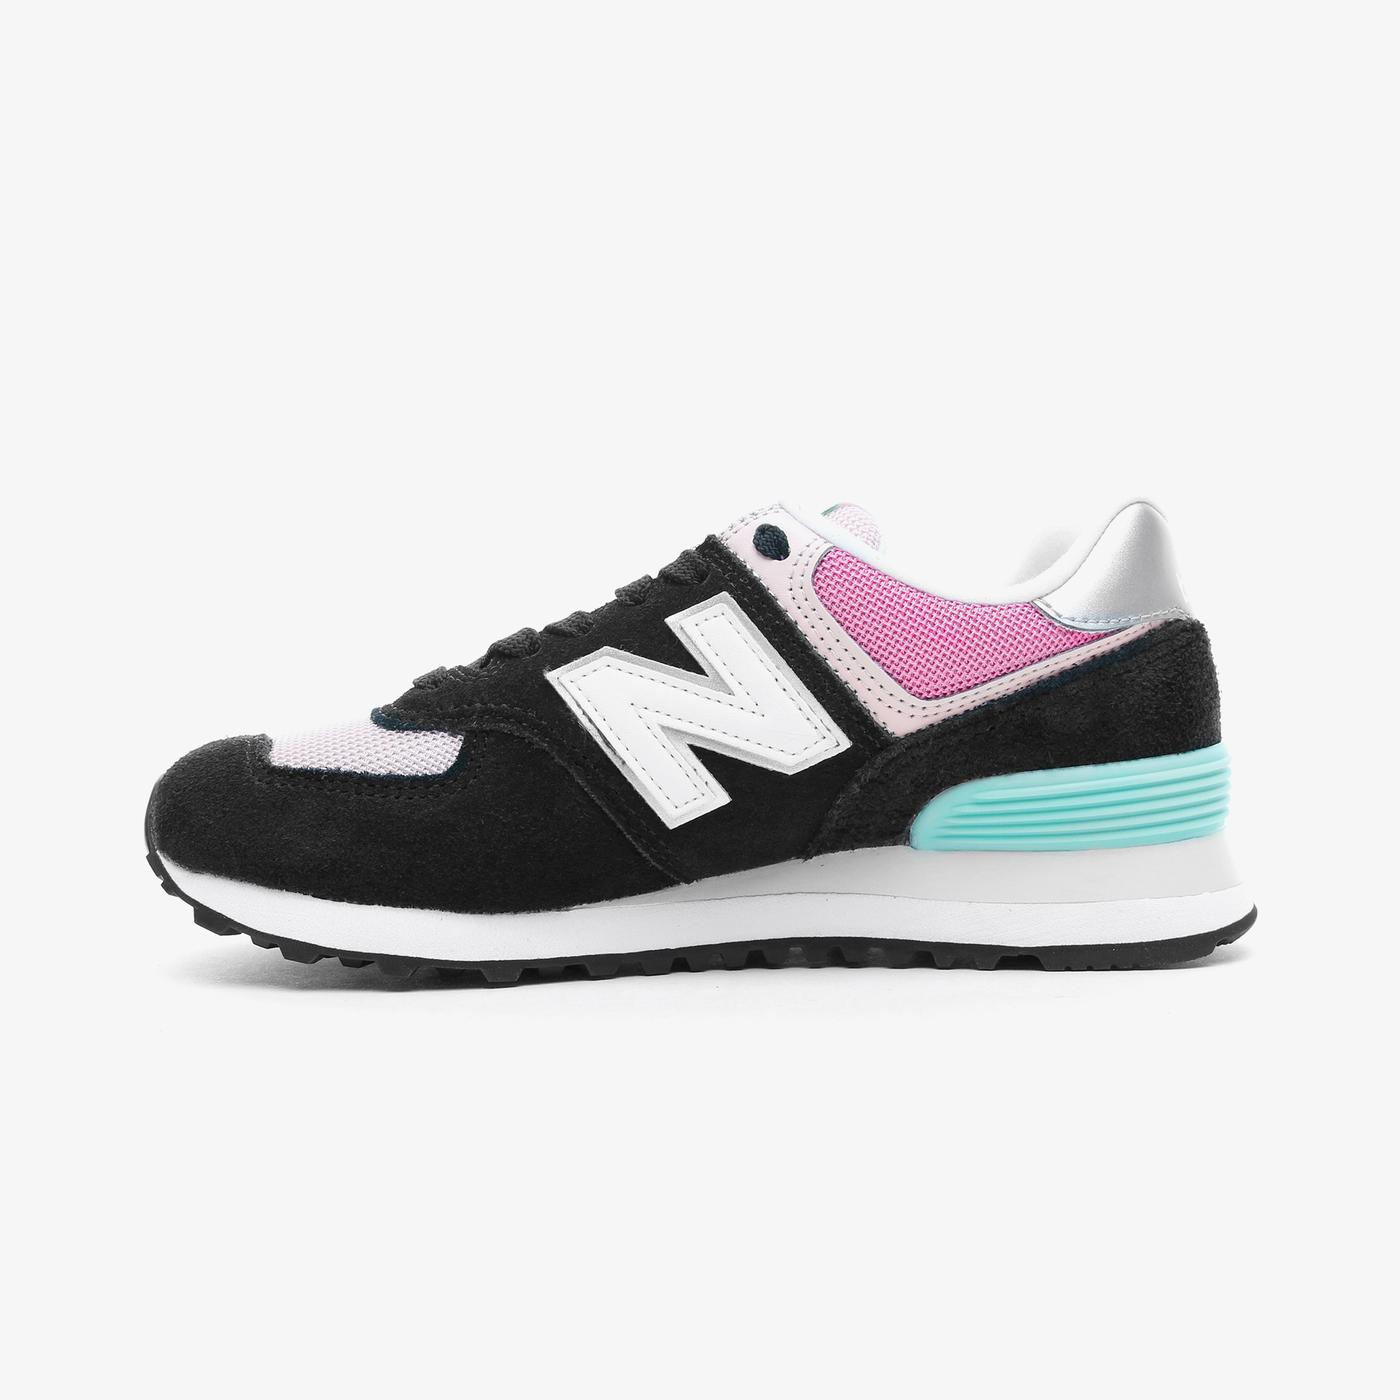 New Balance 574 Kadın Siyah Spor Ayakkabı